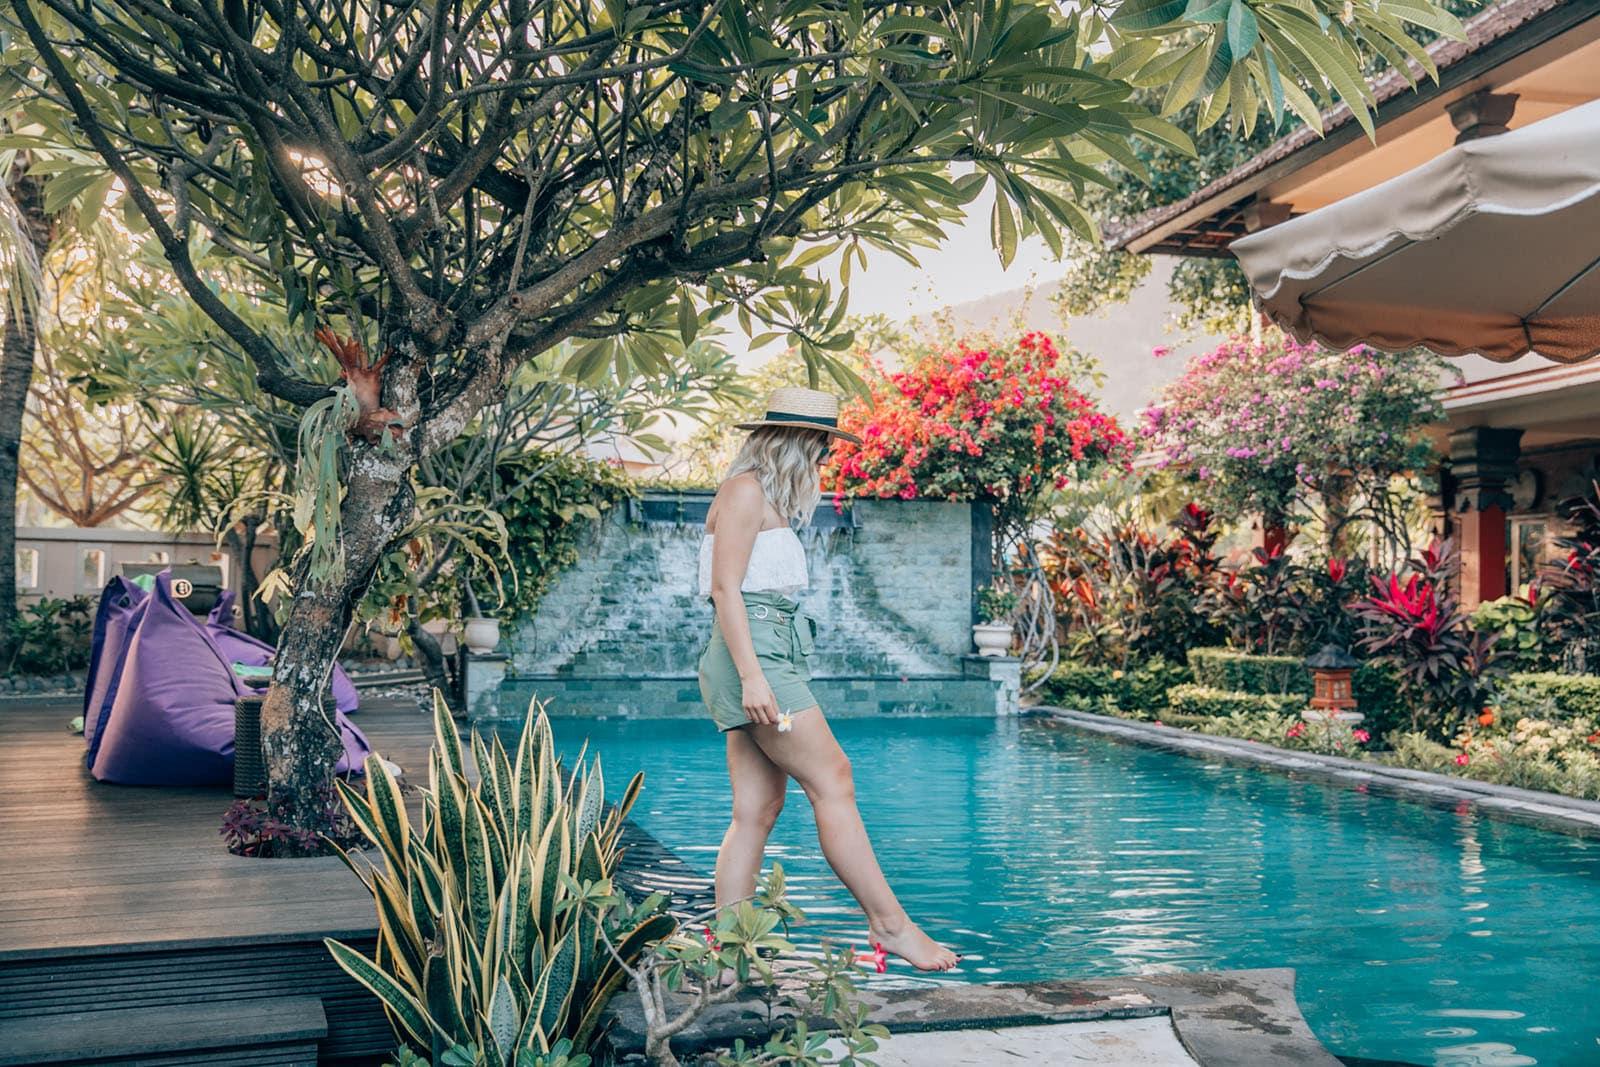 ID5A7367 - Voyage à Bali : Itinéraire, activités et hôtels